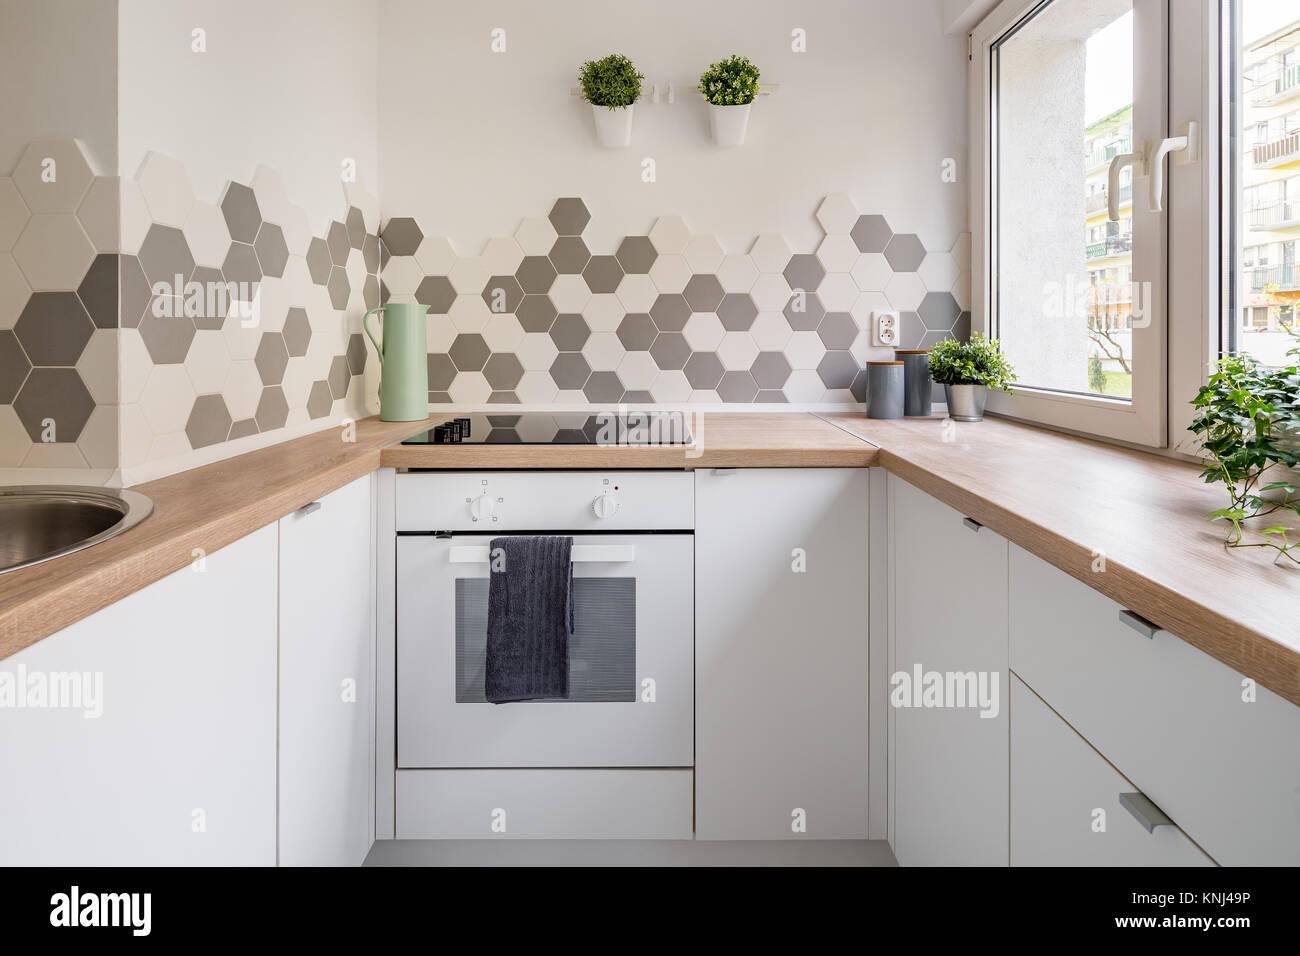 Cucina in stile scandinavo con armadi bianchi bancone in legno e